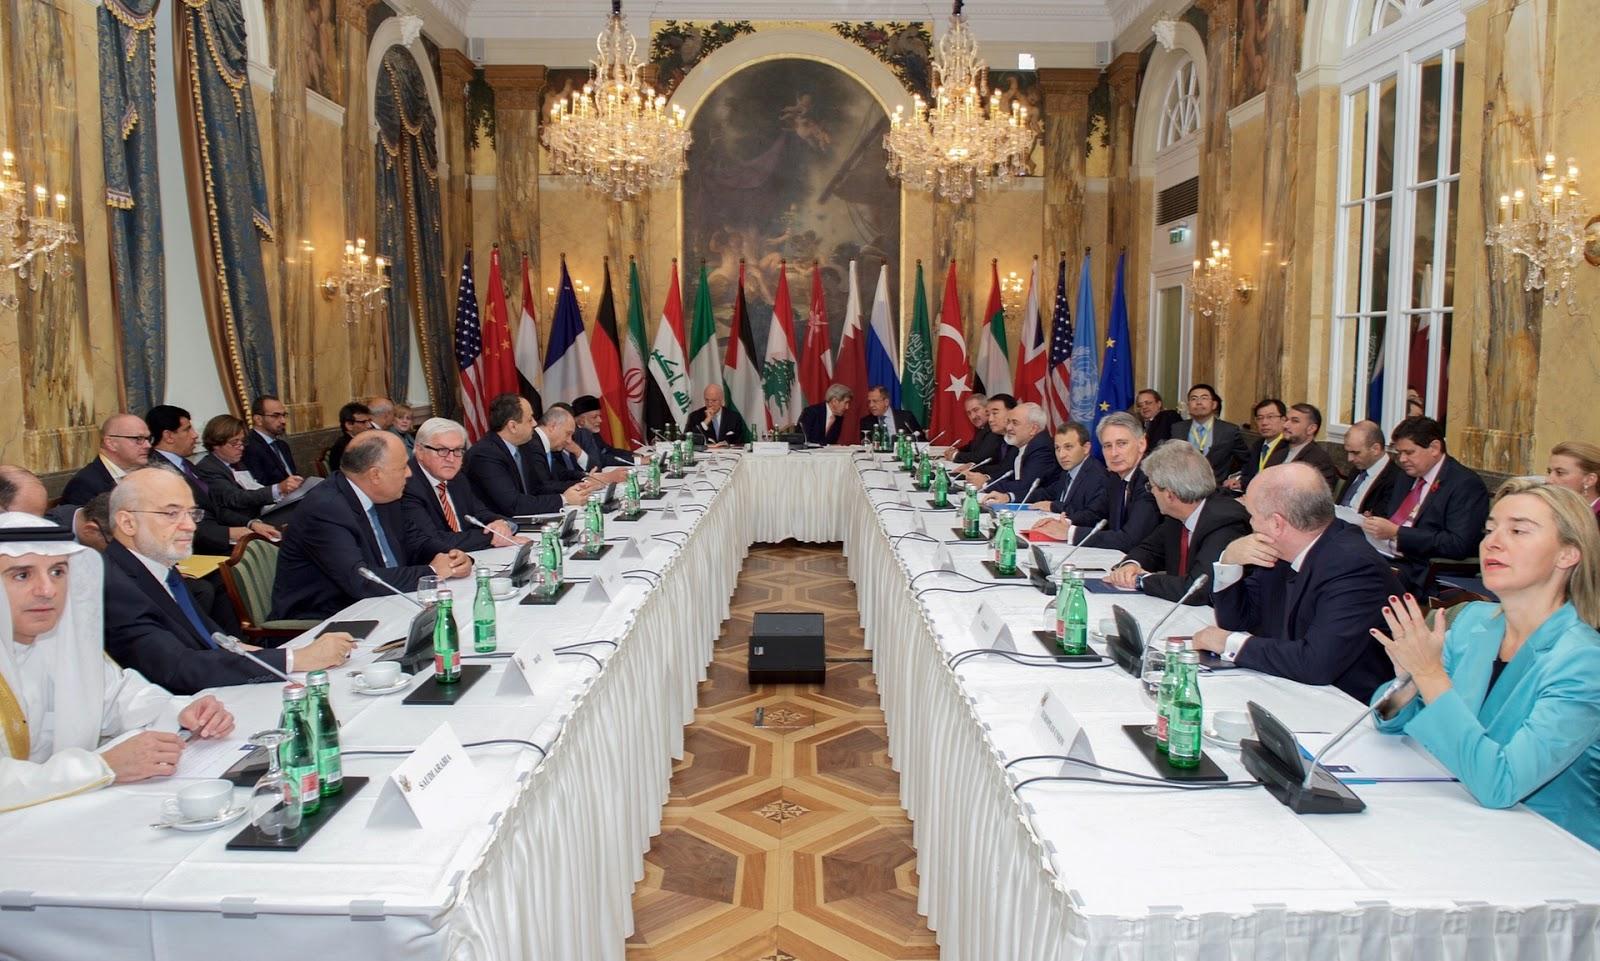 Ürdün Suriye'deki terörist örgütler listesini açıklamıyor